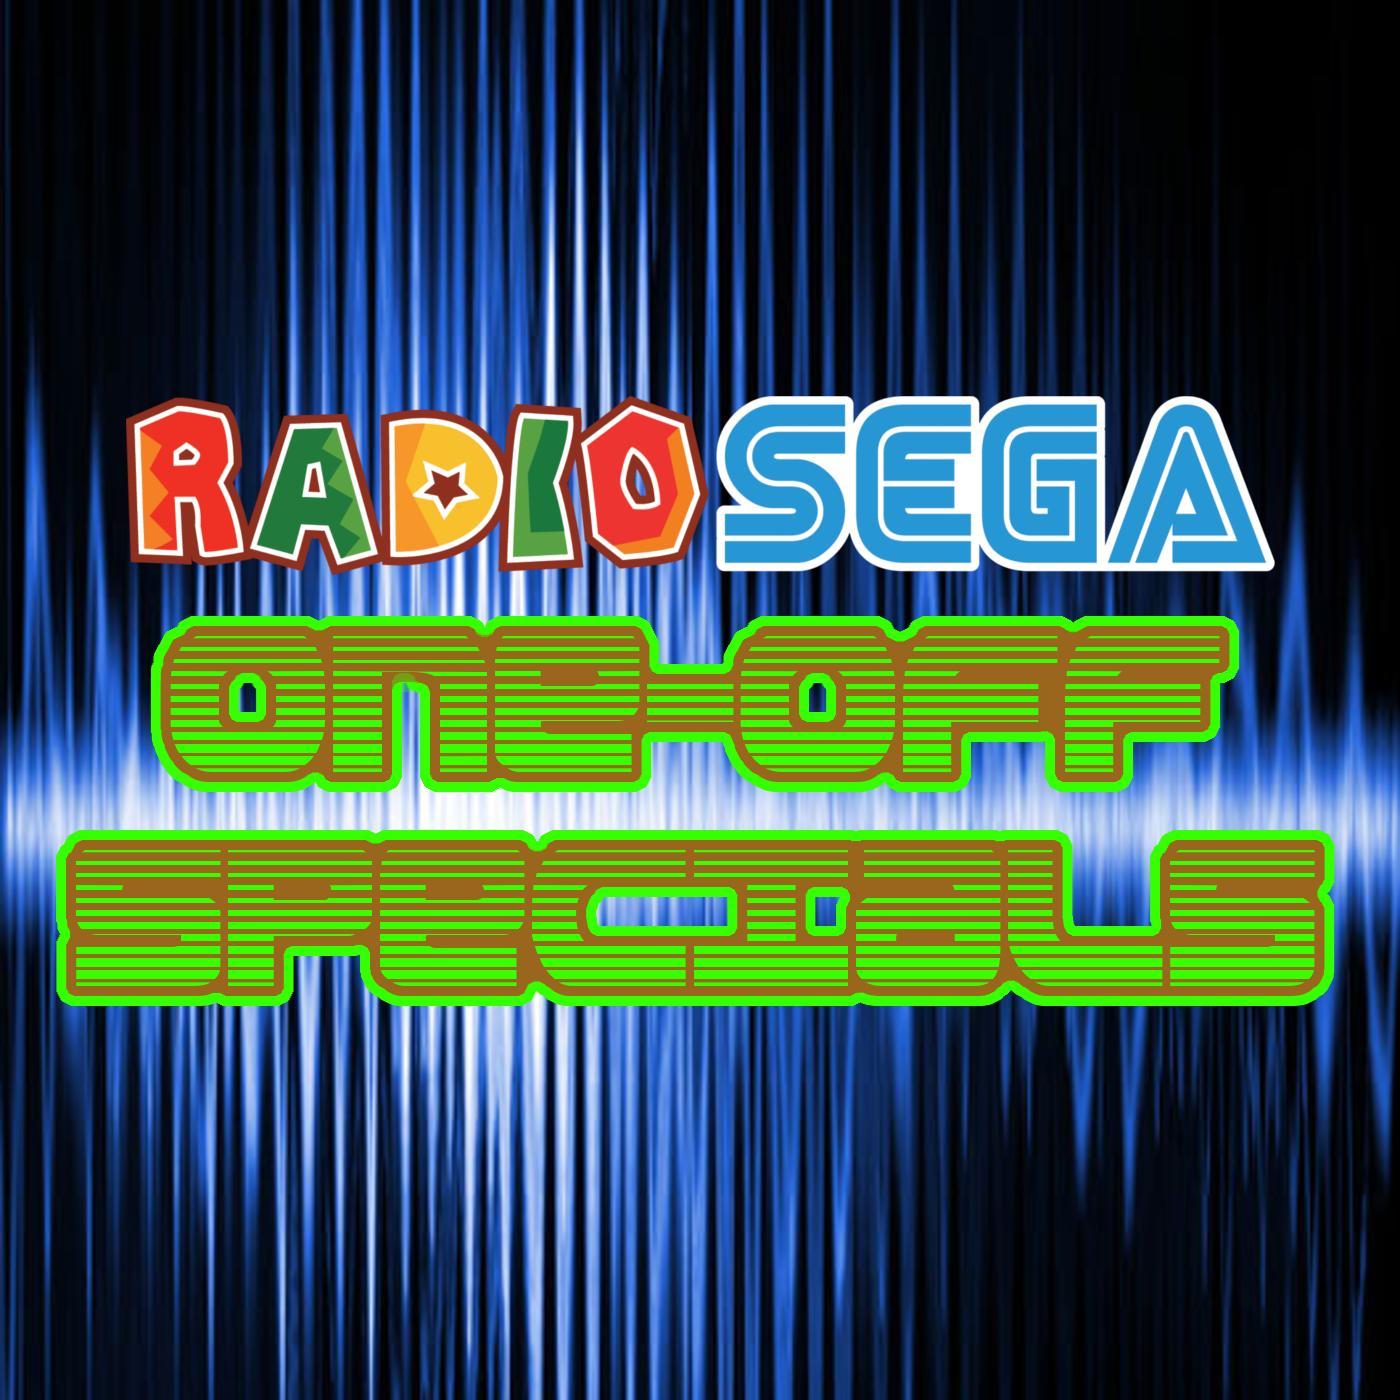 RadioSEGA Specials